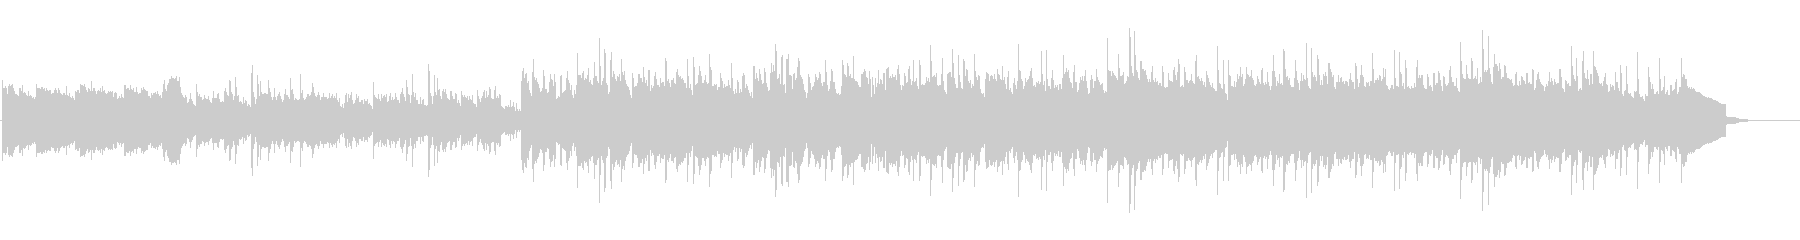 テンポ速めのさわやかギターサウンドの未再生の波形